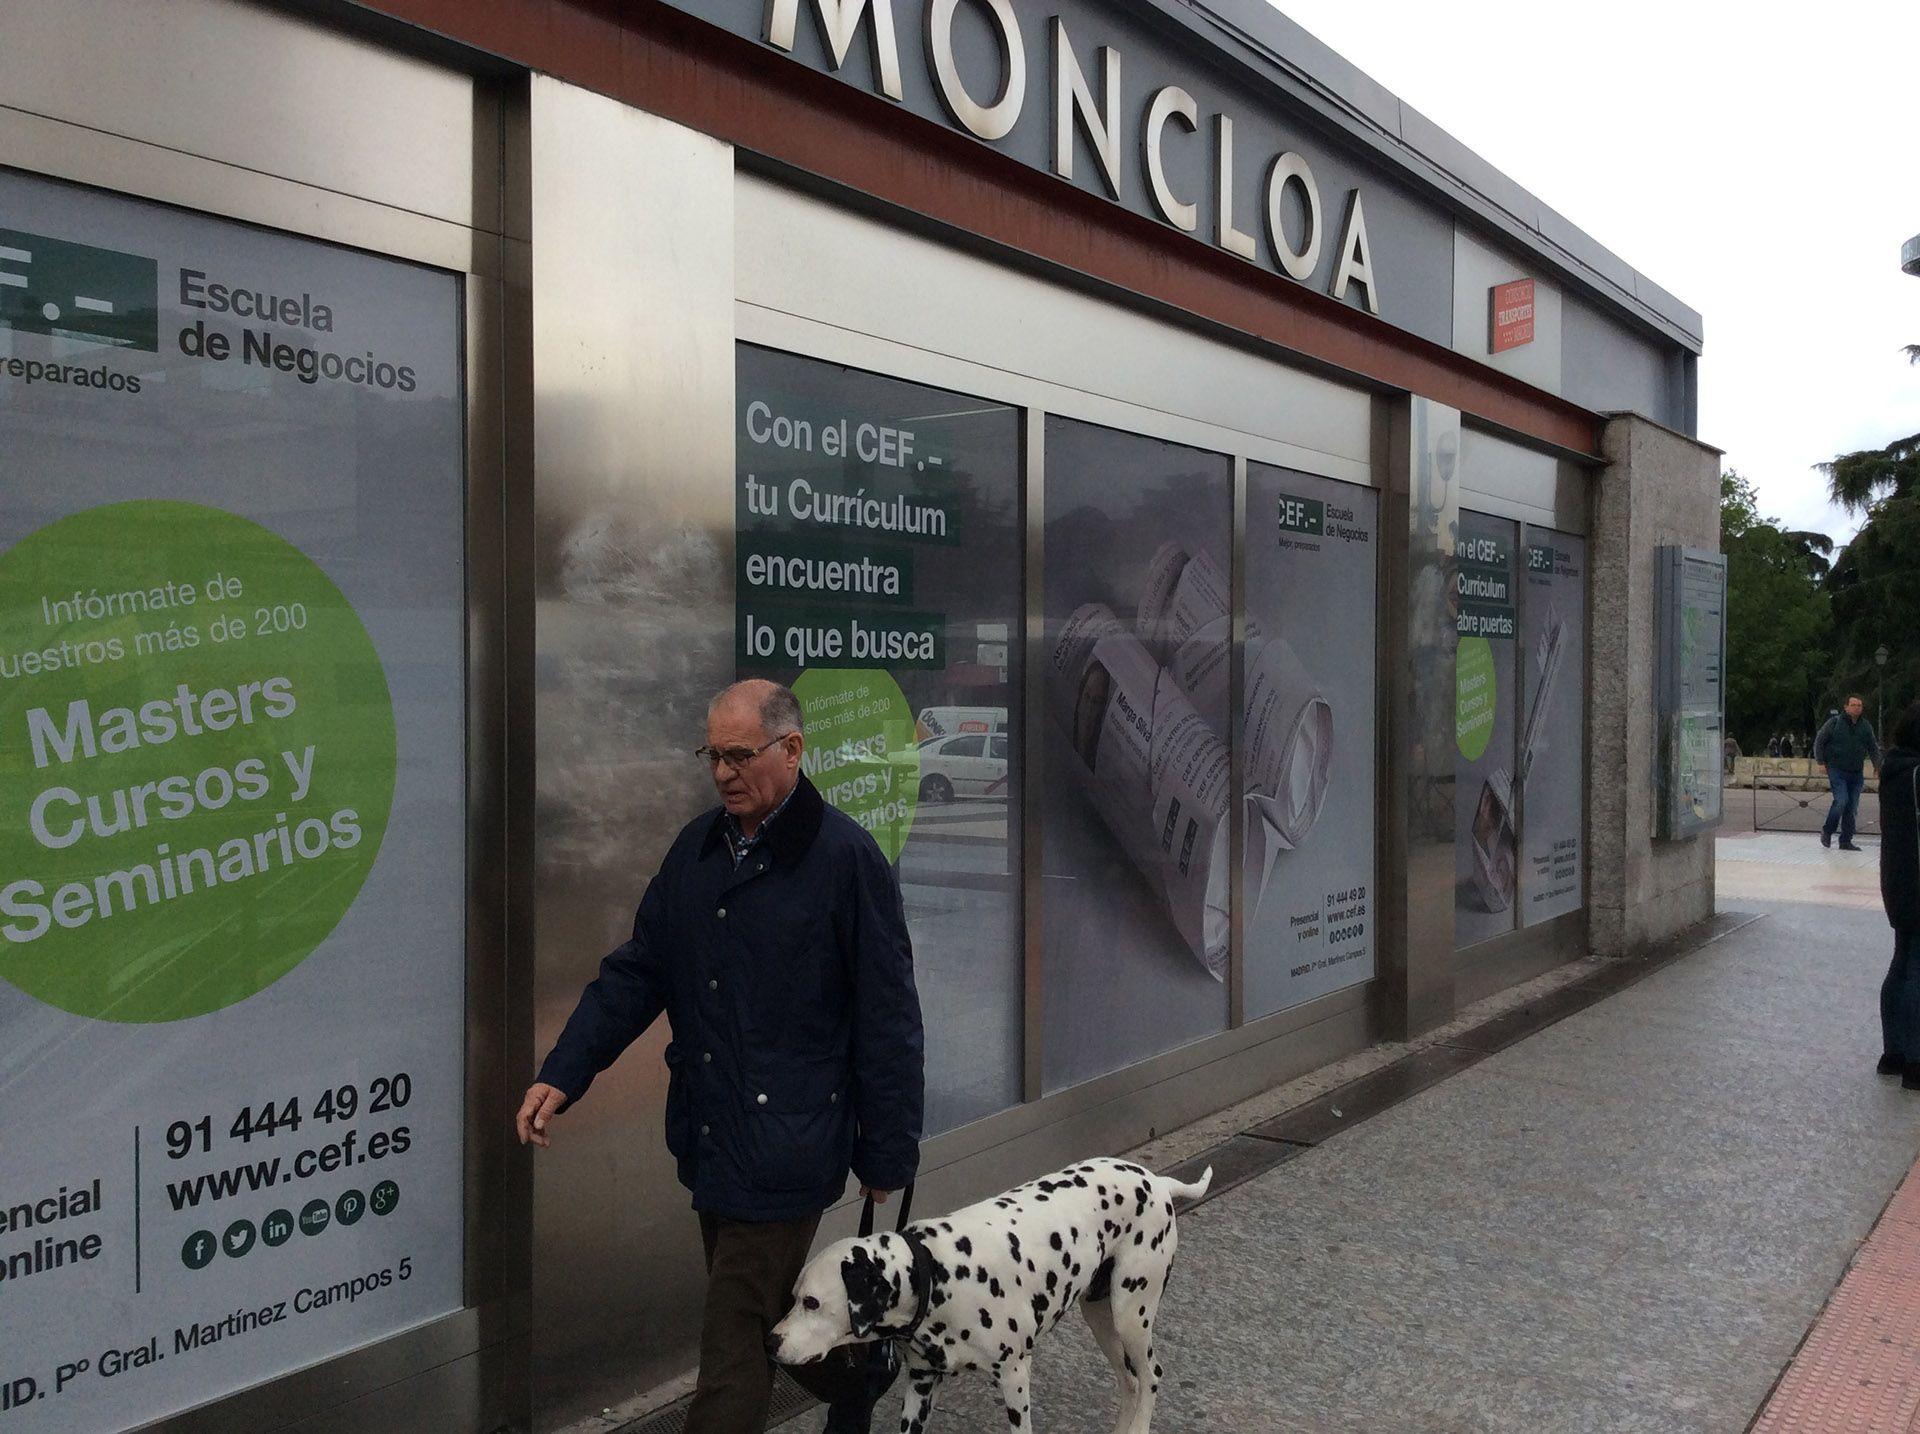 Stopmotion Con Papel Para CEF Masters By Alvaro Leon Moncloa 3